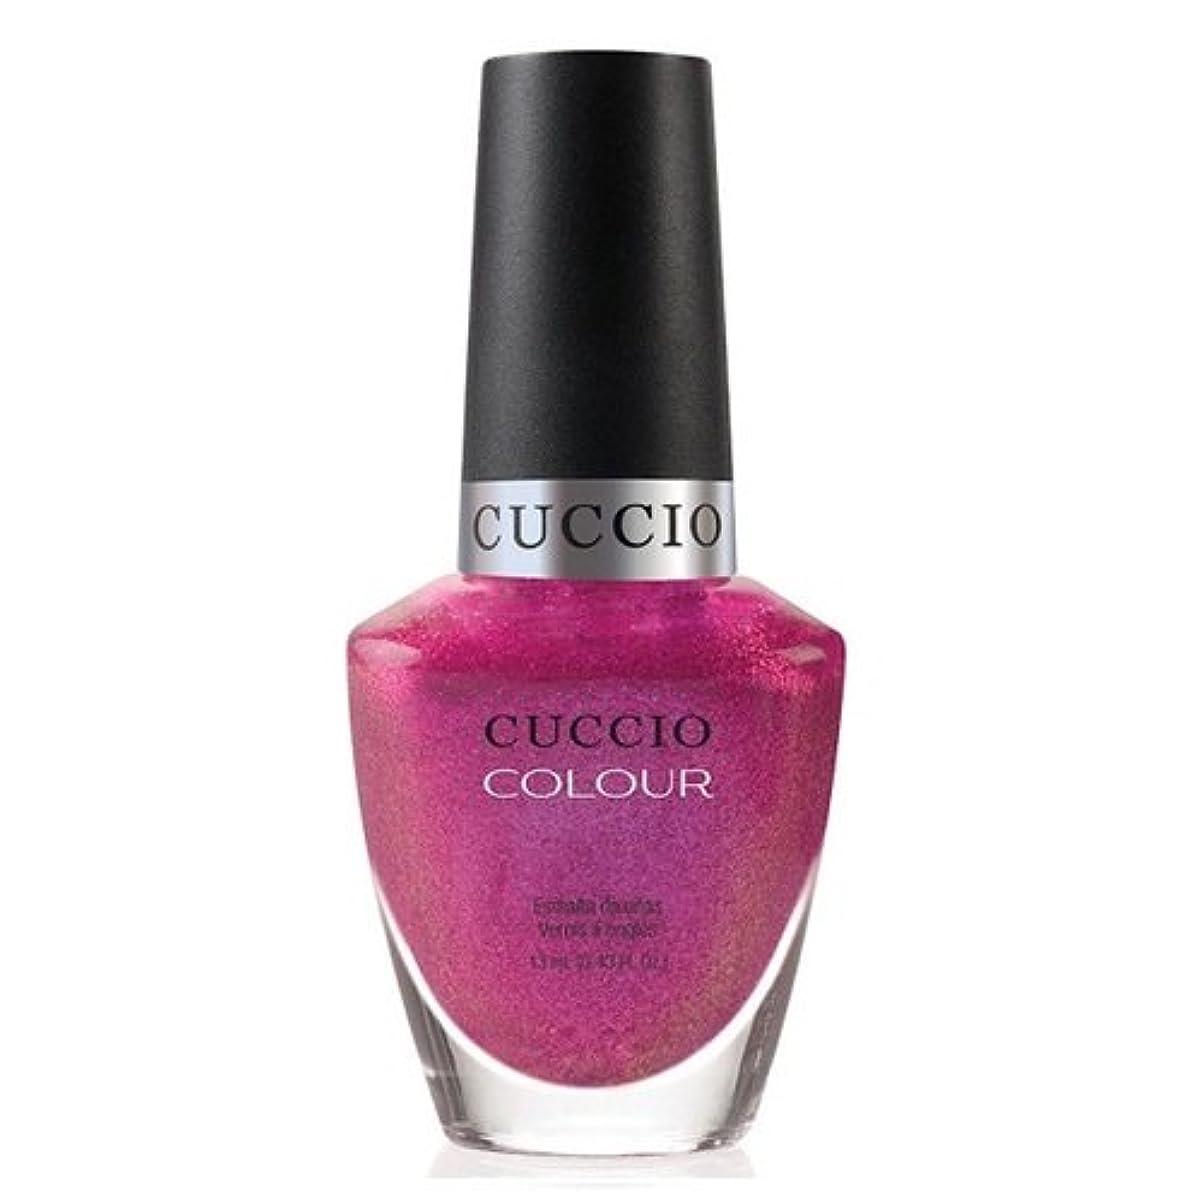 音声学ジャンク愚かCuccio Colour Gloss Lacquer - Femme Fatale - 0.43oz/13ml